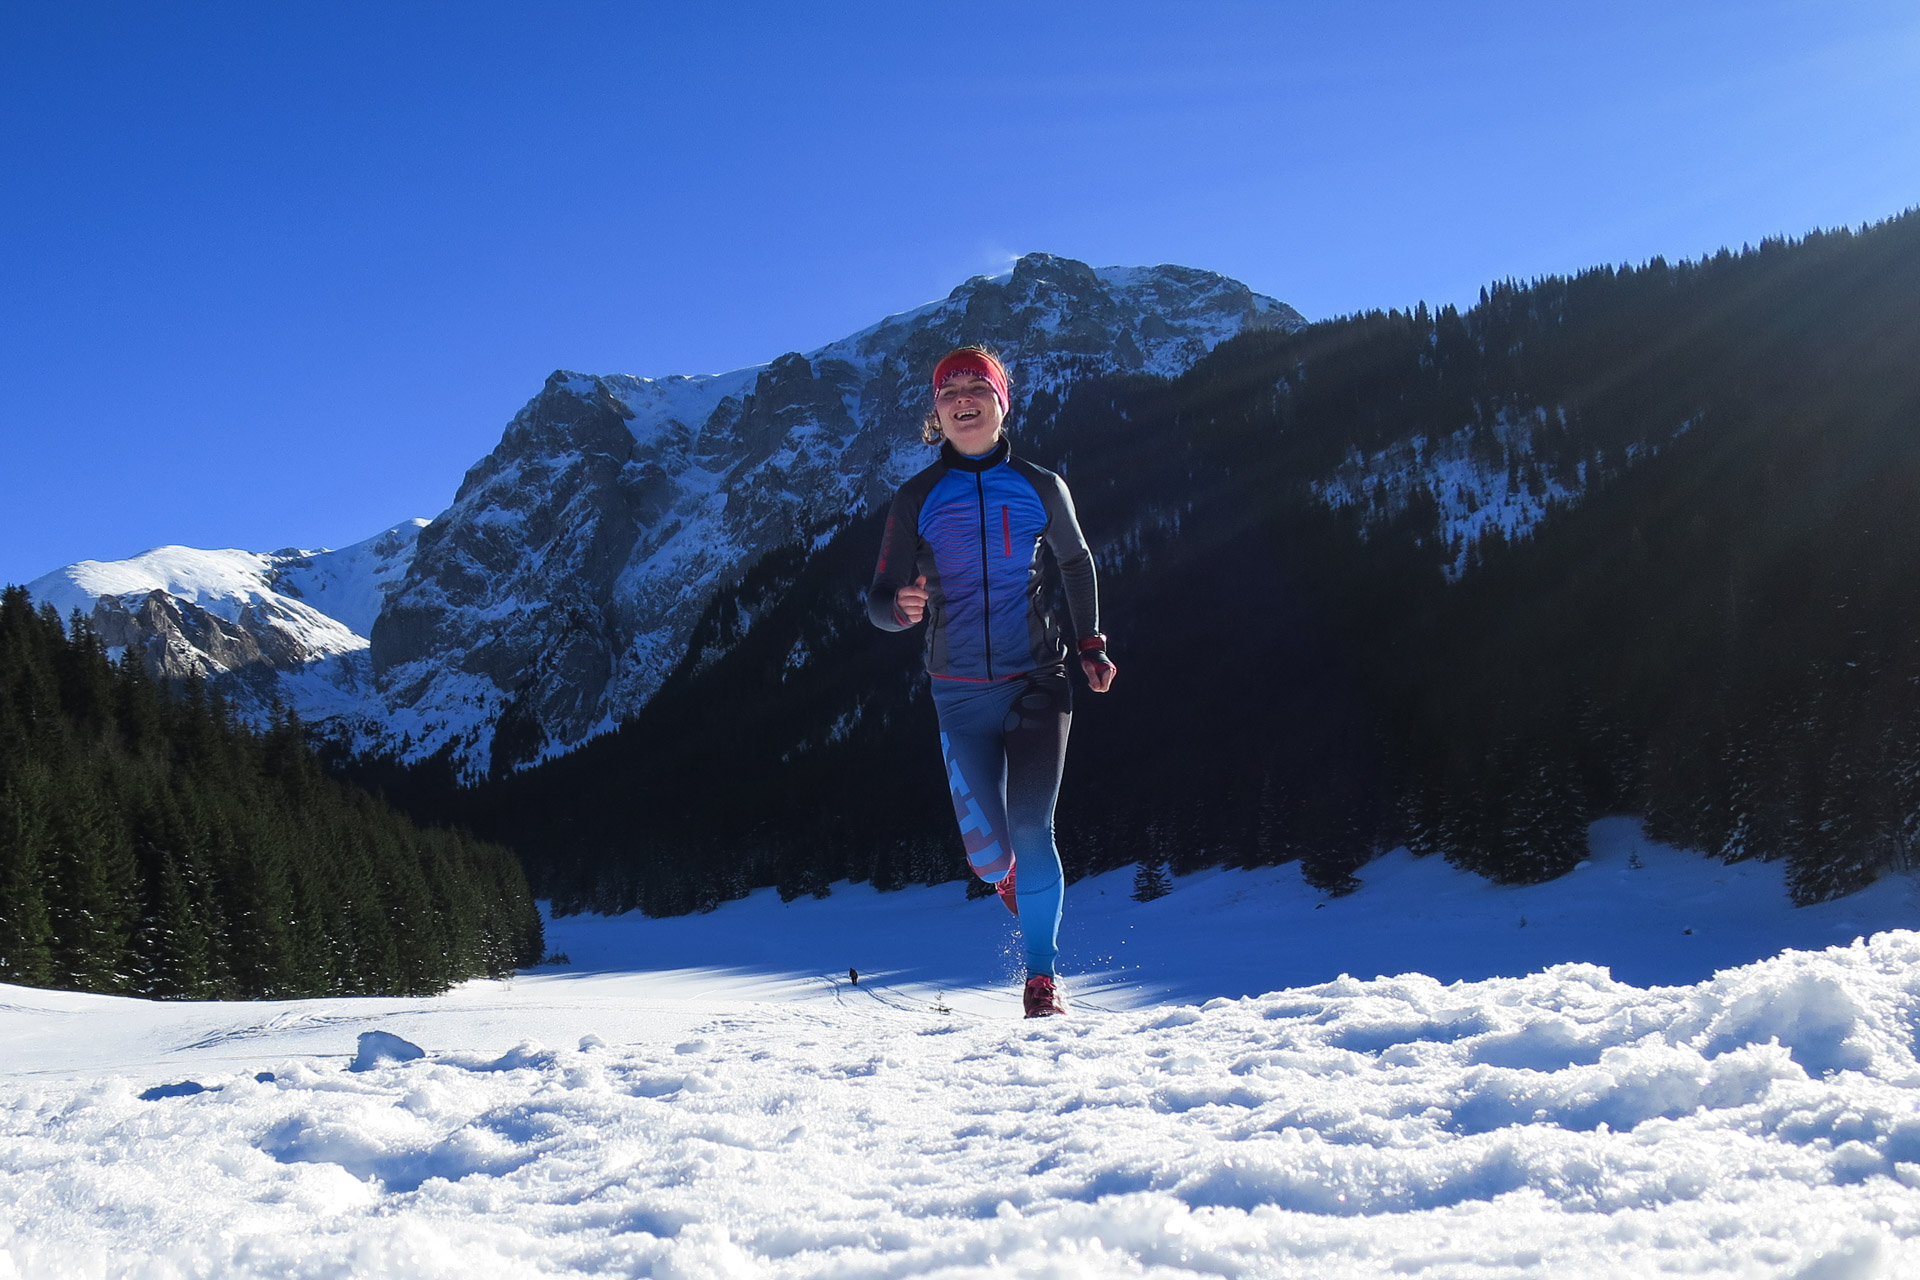 Trasy biegowe w Tatrach, Wielka Polana Małołącka